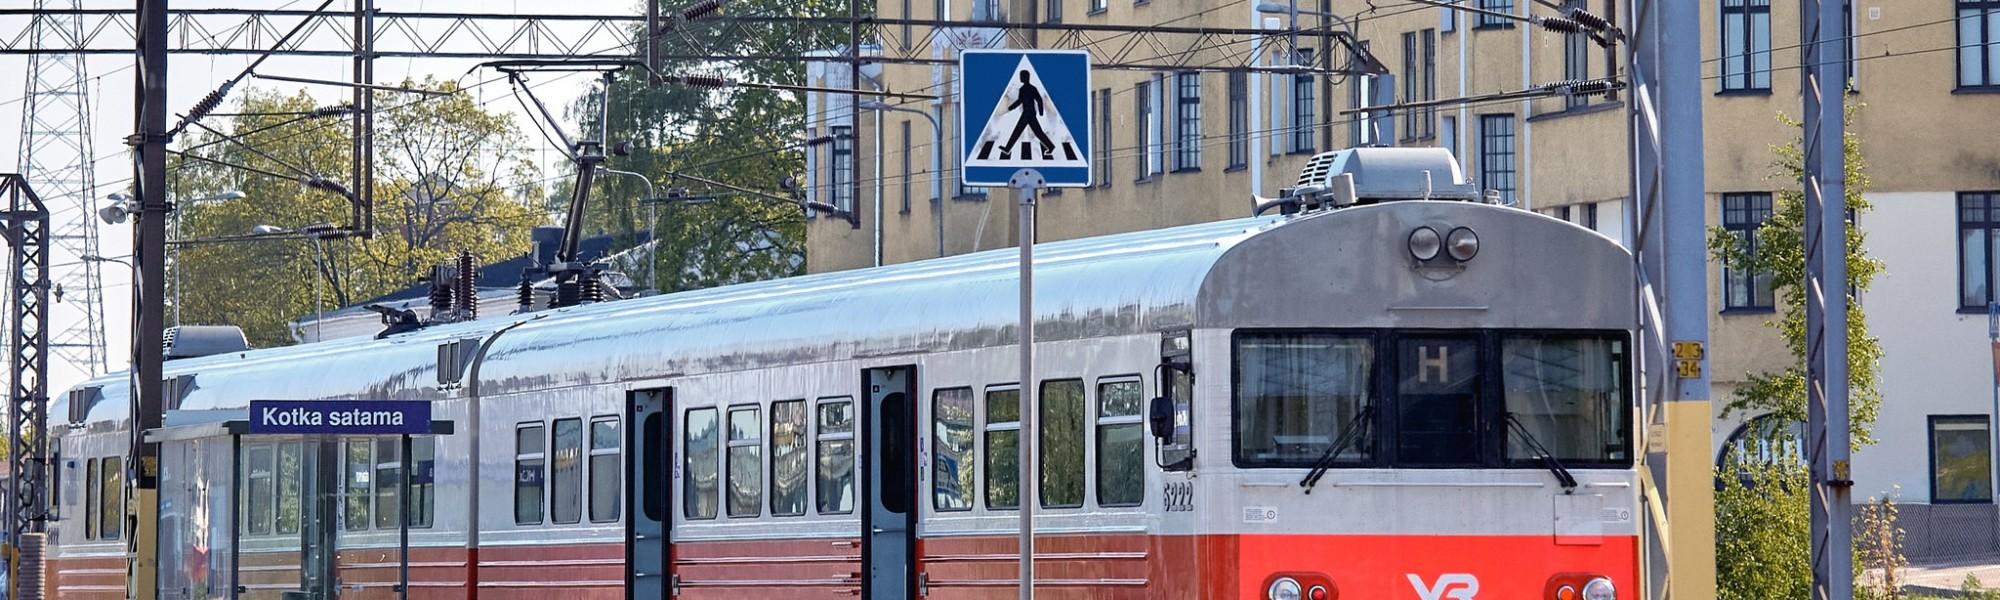 Henkilöjuna Kotkan sataman pysäkillä, Kotkansaarella